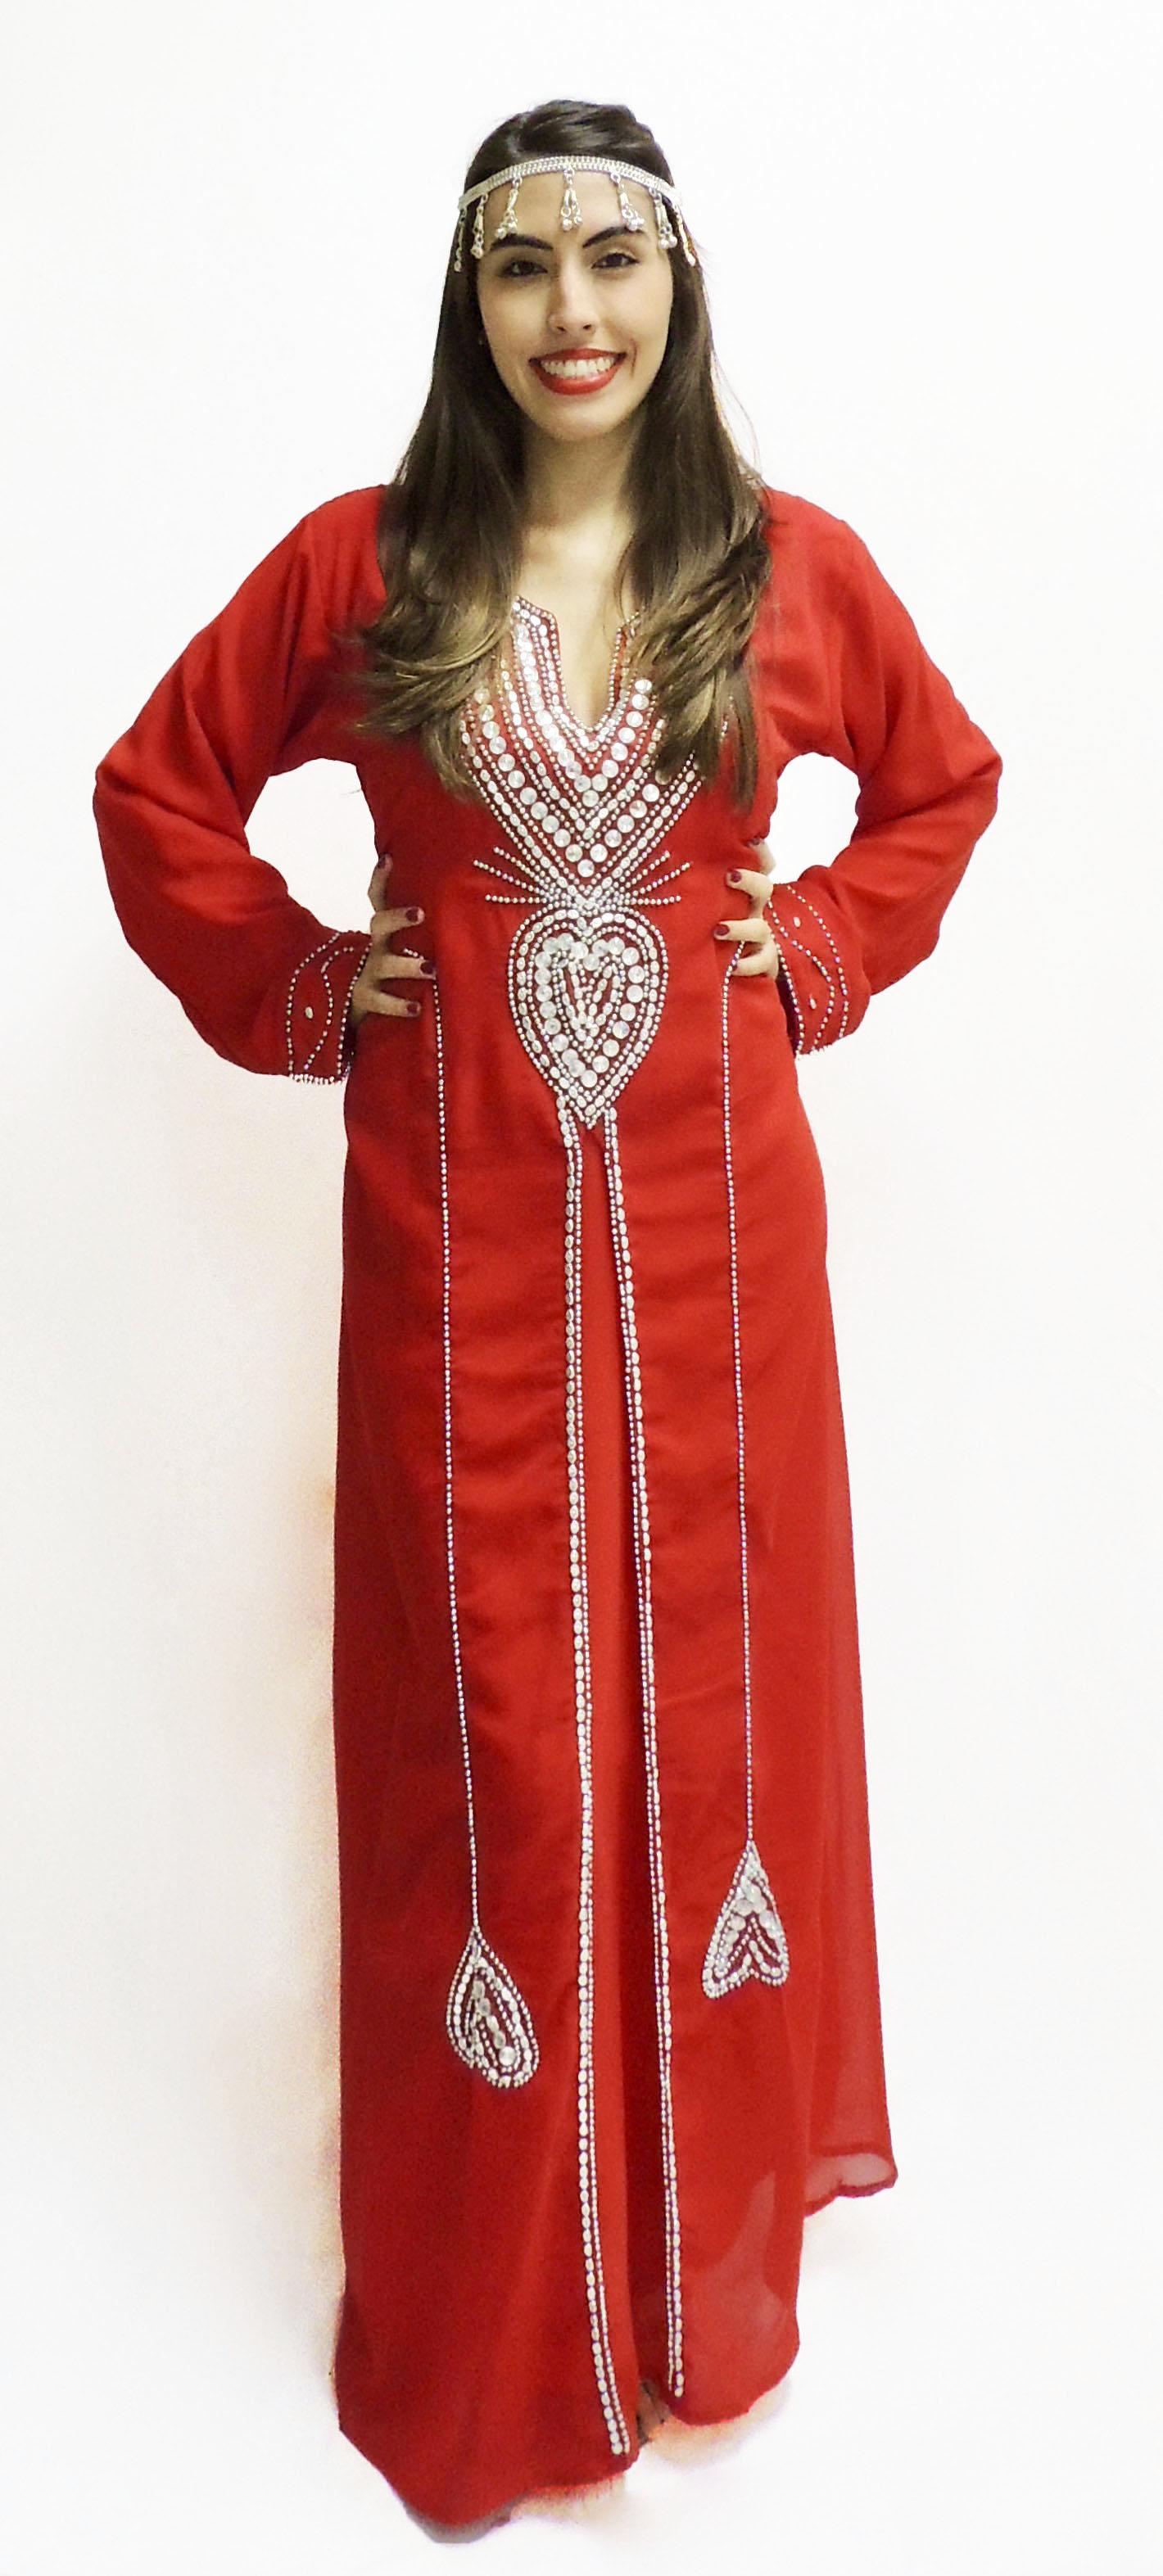 496857337 fantasia estilo arabe1 - Aluguel de Fantasias - Breshow Fantasias - Aluguel  de Roupas e Fantasias para festas